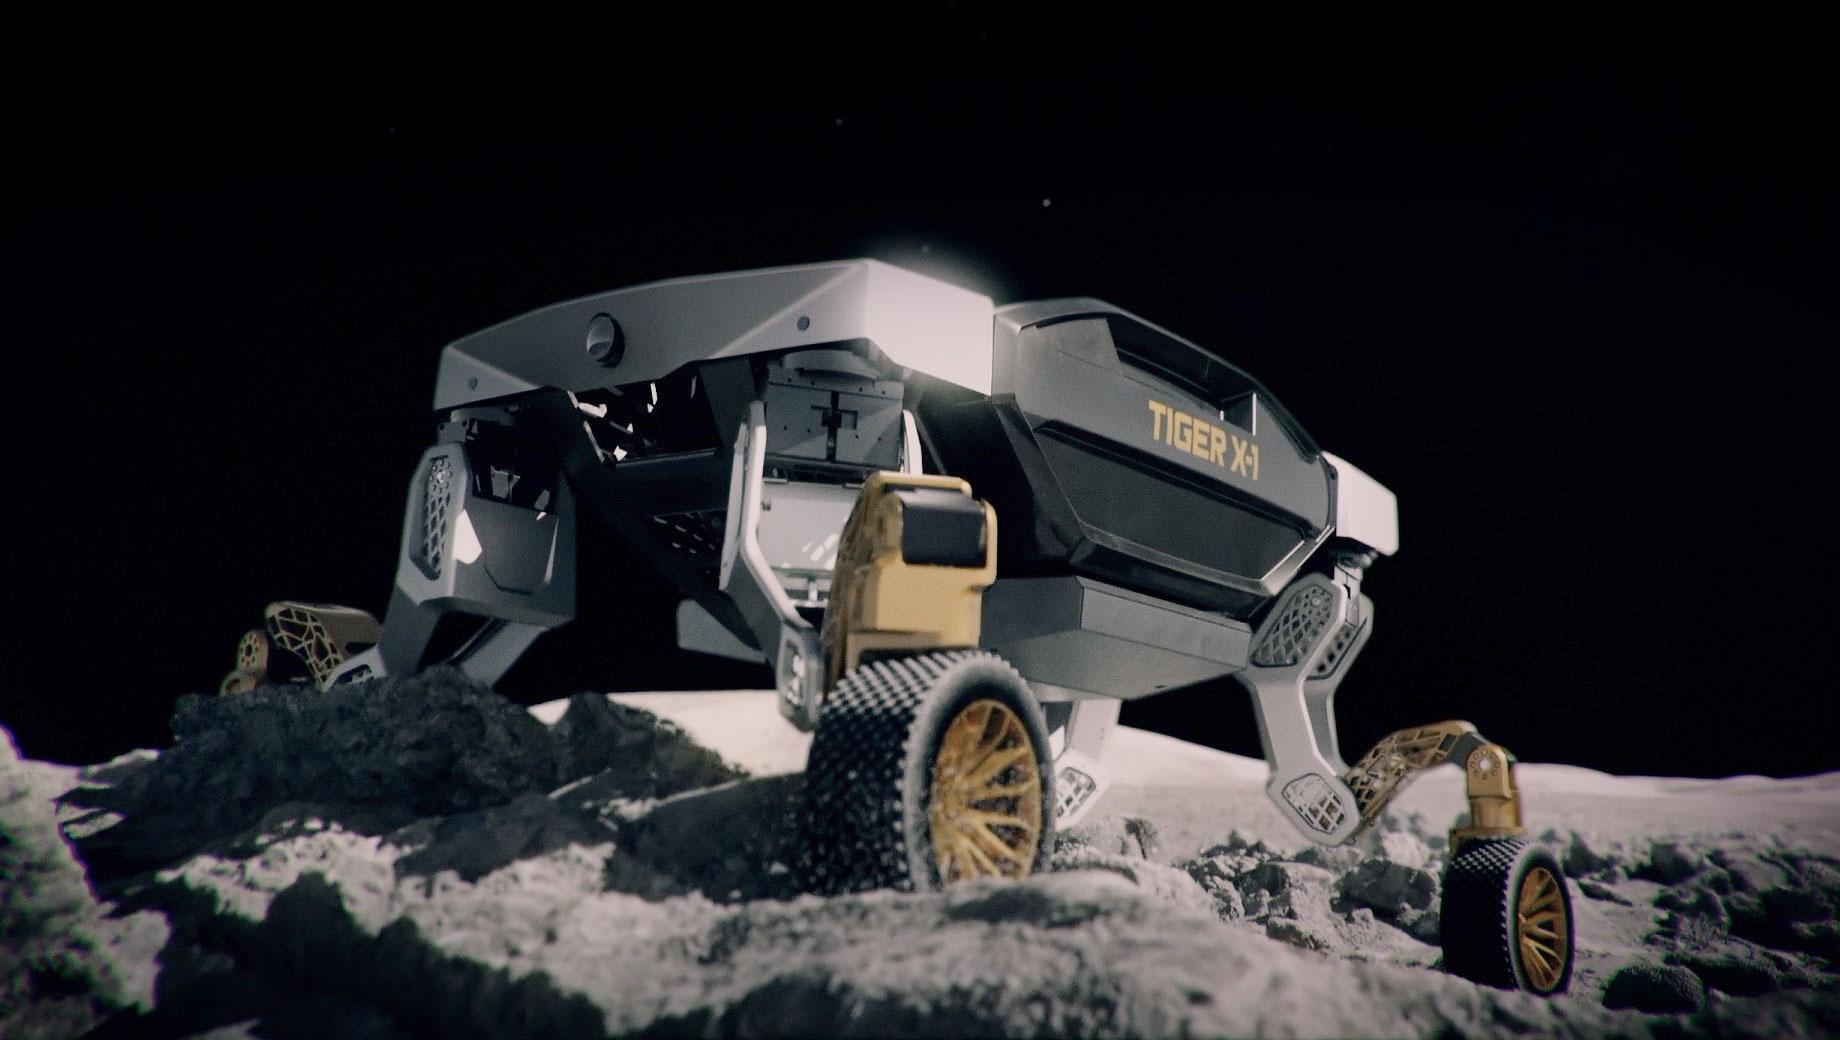 Hyundai tiger,Hyundai tiger x1. Разработку «тигра» ведёт дочерняя компания New Horizons Studio со штаб-квартирой в Маунтин-Вью (Калифорния), заменившая фирму CRADLE (Center for Robotic-Augmented Design in Living Experiences). Студия под началом Джона Су создана осенью 2020-го для проектов типа UMV (Ultimate Mobility Vehicle).